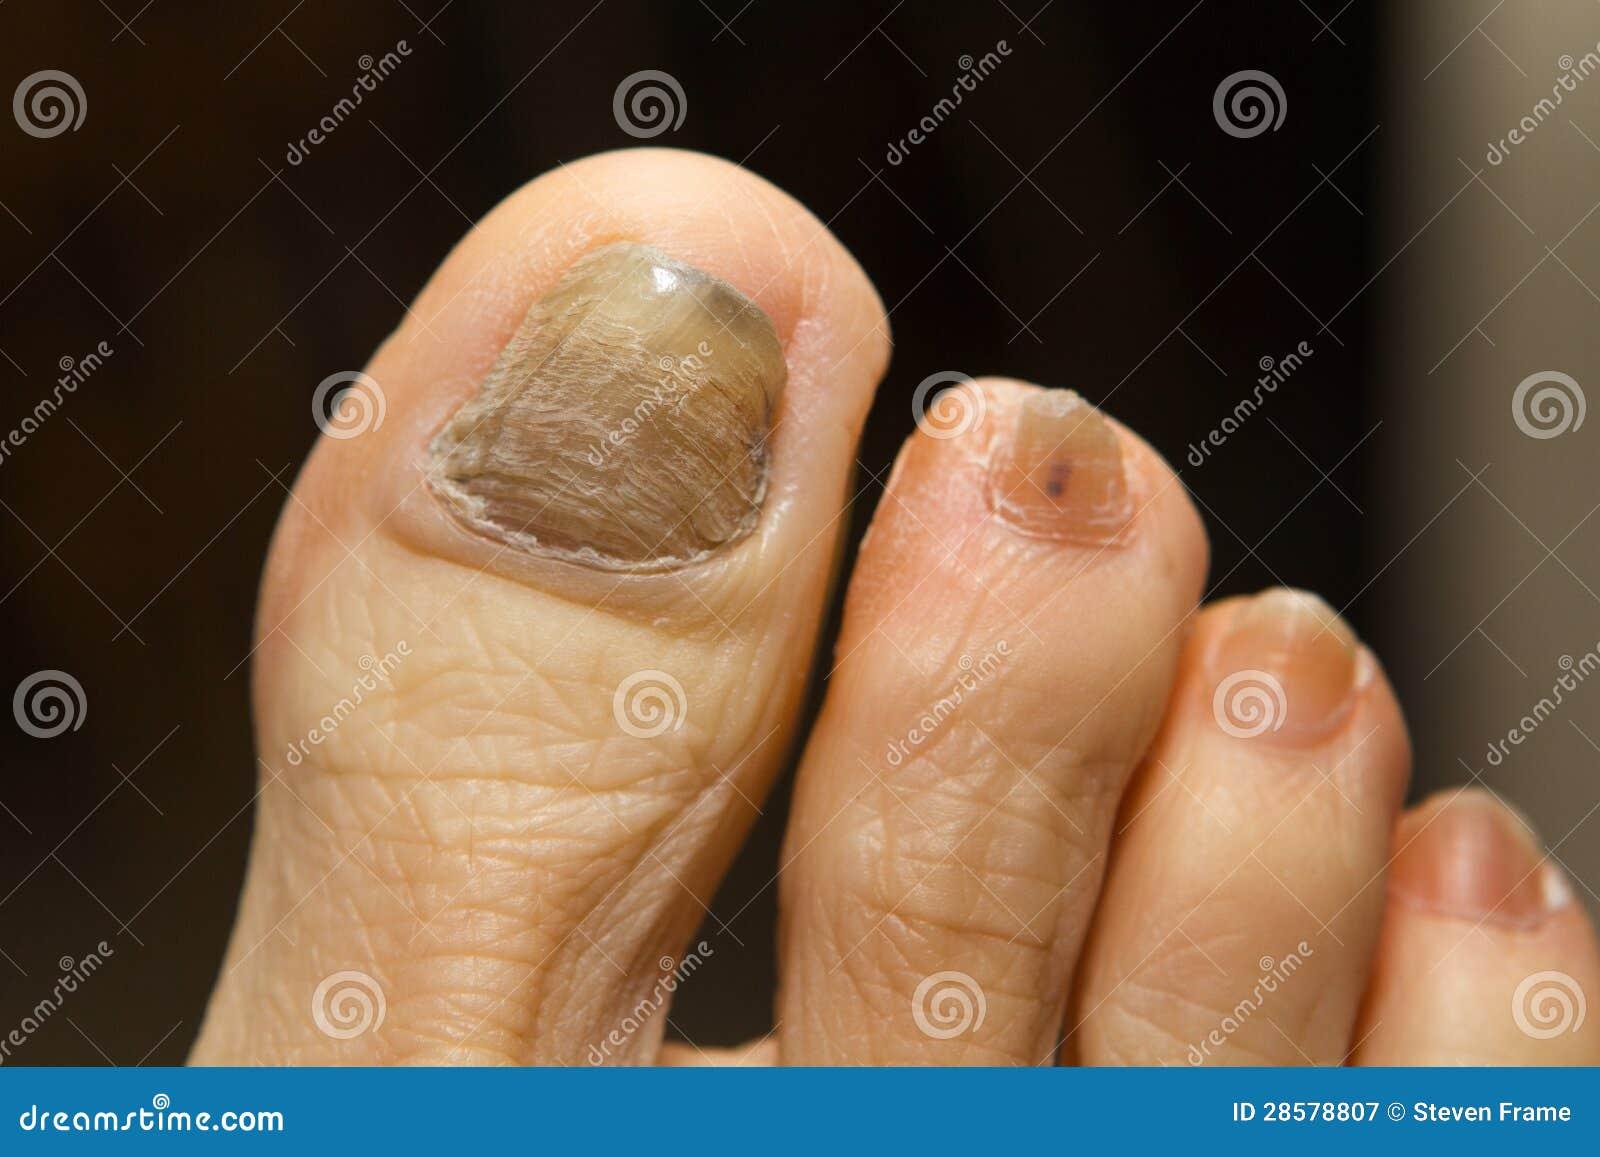 Рак ногтя на ноге фото